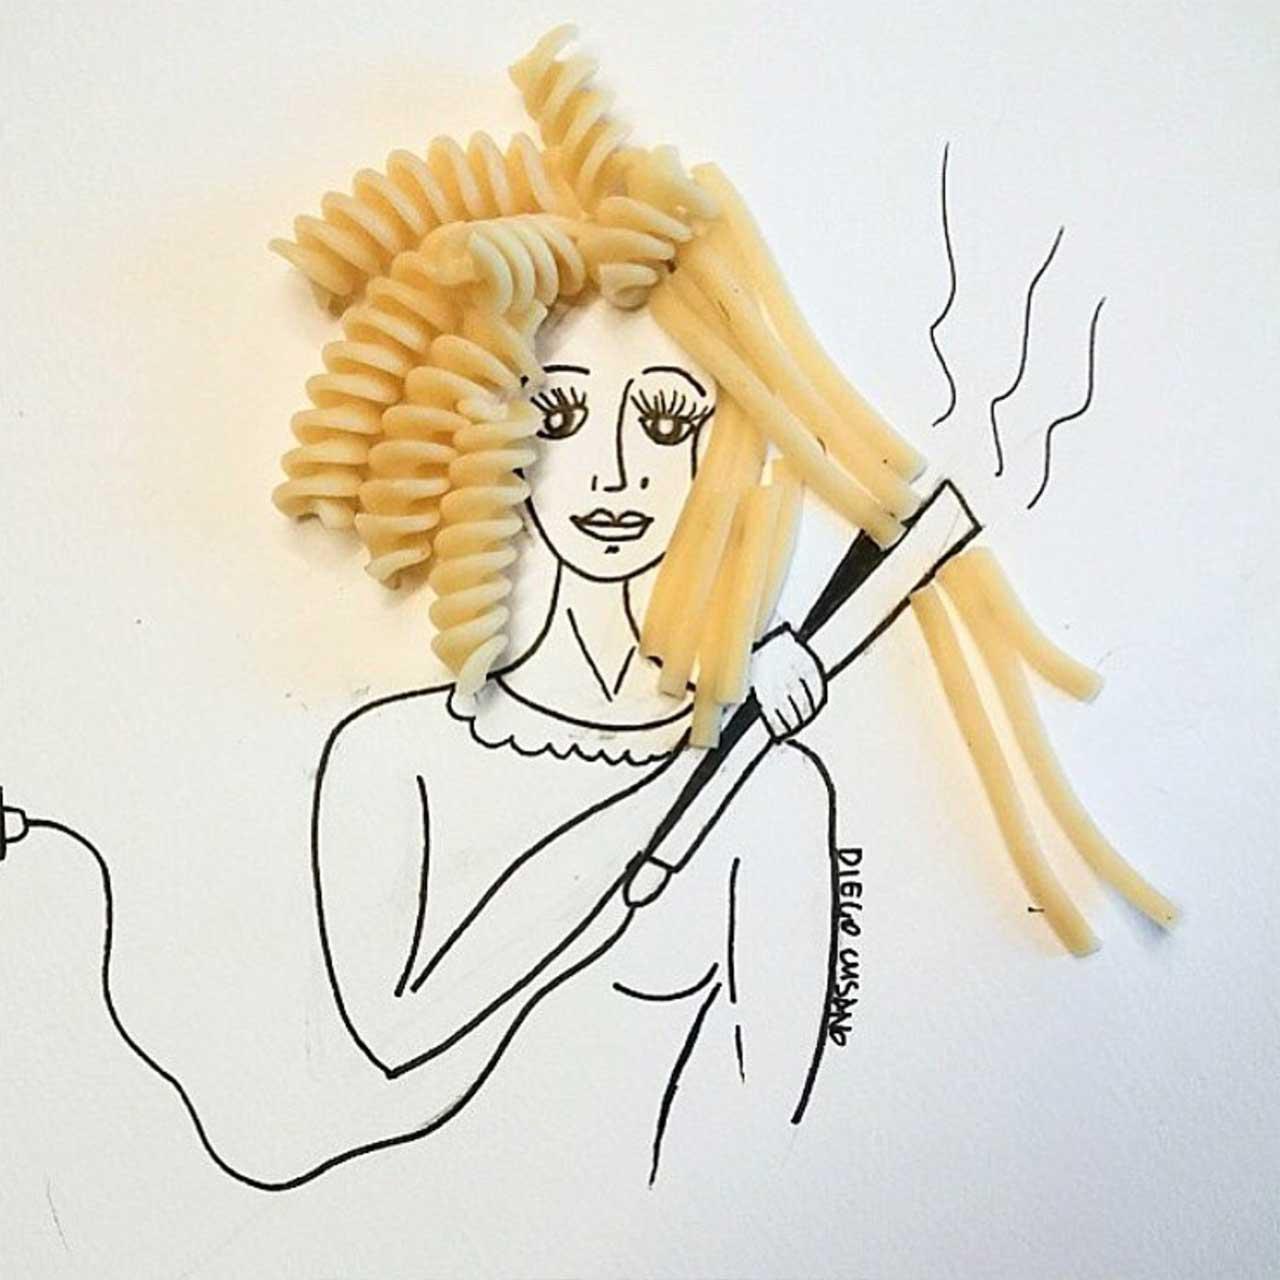 Diego Cusano vermischt Alltagsgegenstände mit Zeichnungen Diego-Cusano-alltagsdinge-treffen-zeichnungen_13